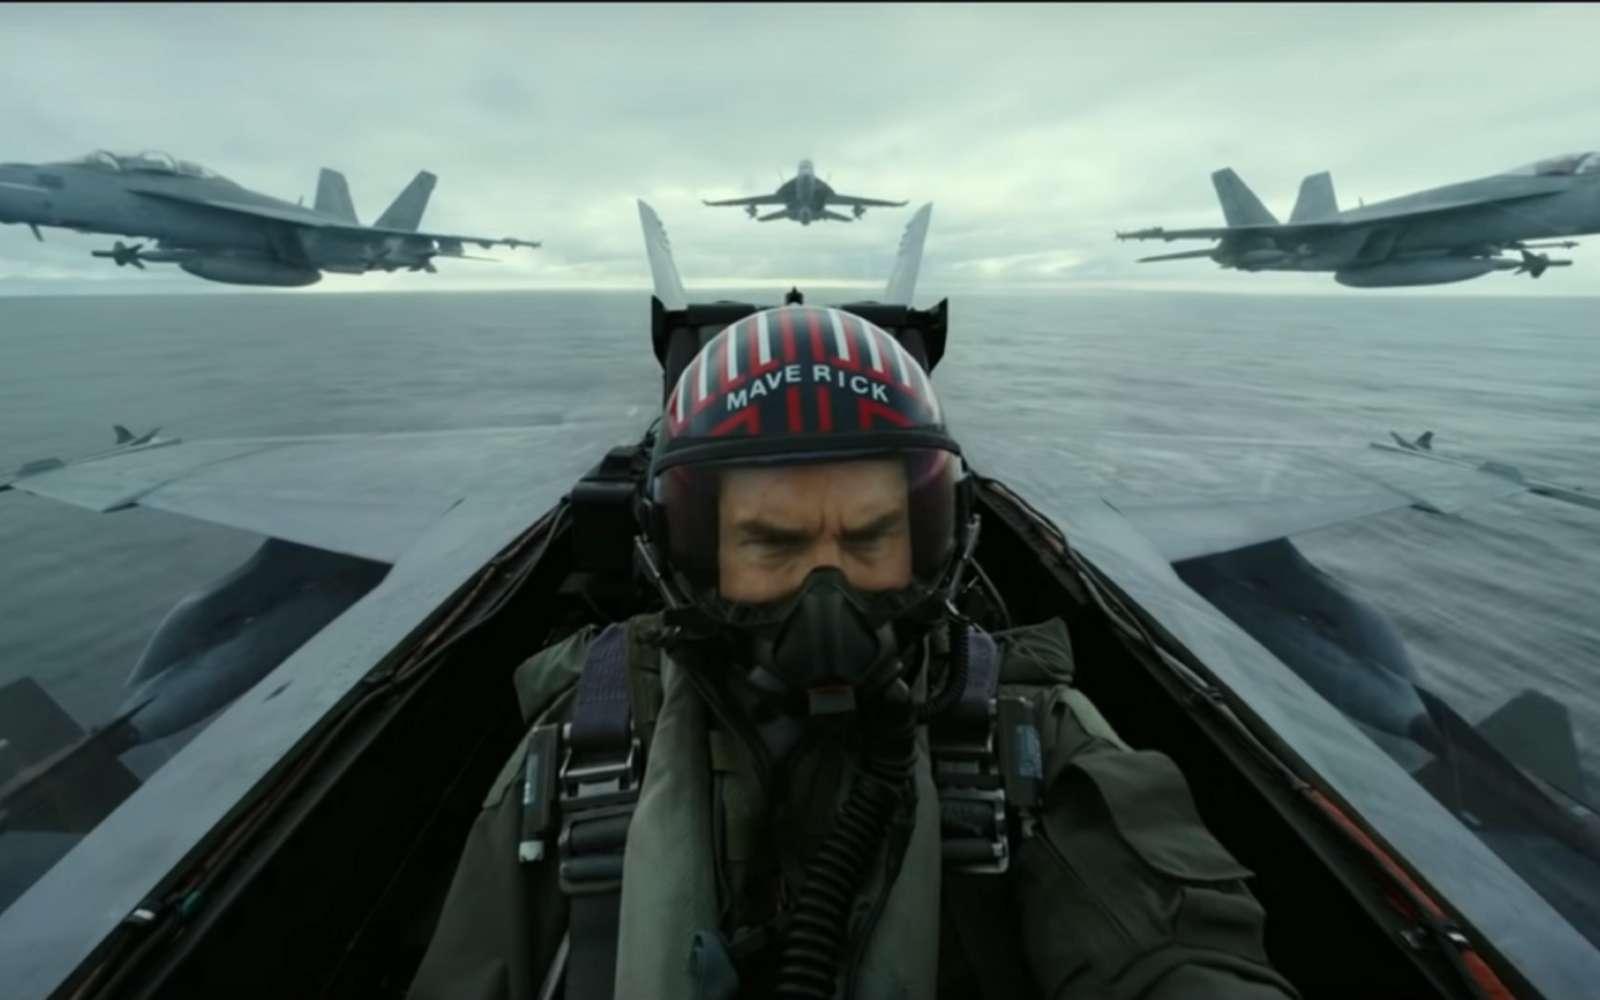 Pour le tournage de Top Gun 2, les pilotes des F-18 ont effectué des vols dans des configurations bien plus serrées qu'ils ne le font en conditions réelles. © Paramount Pictures